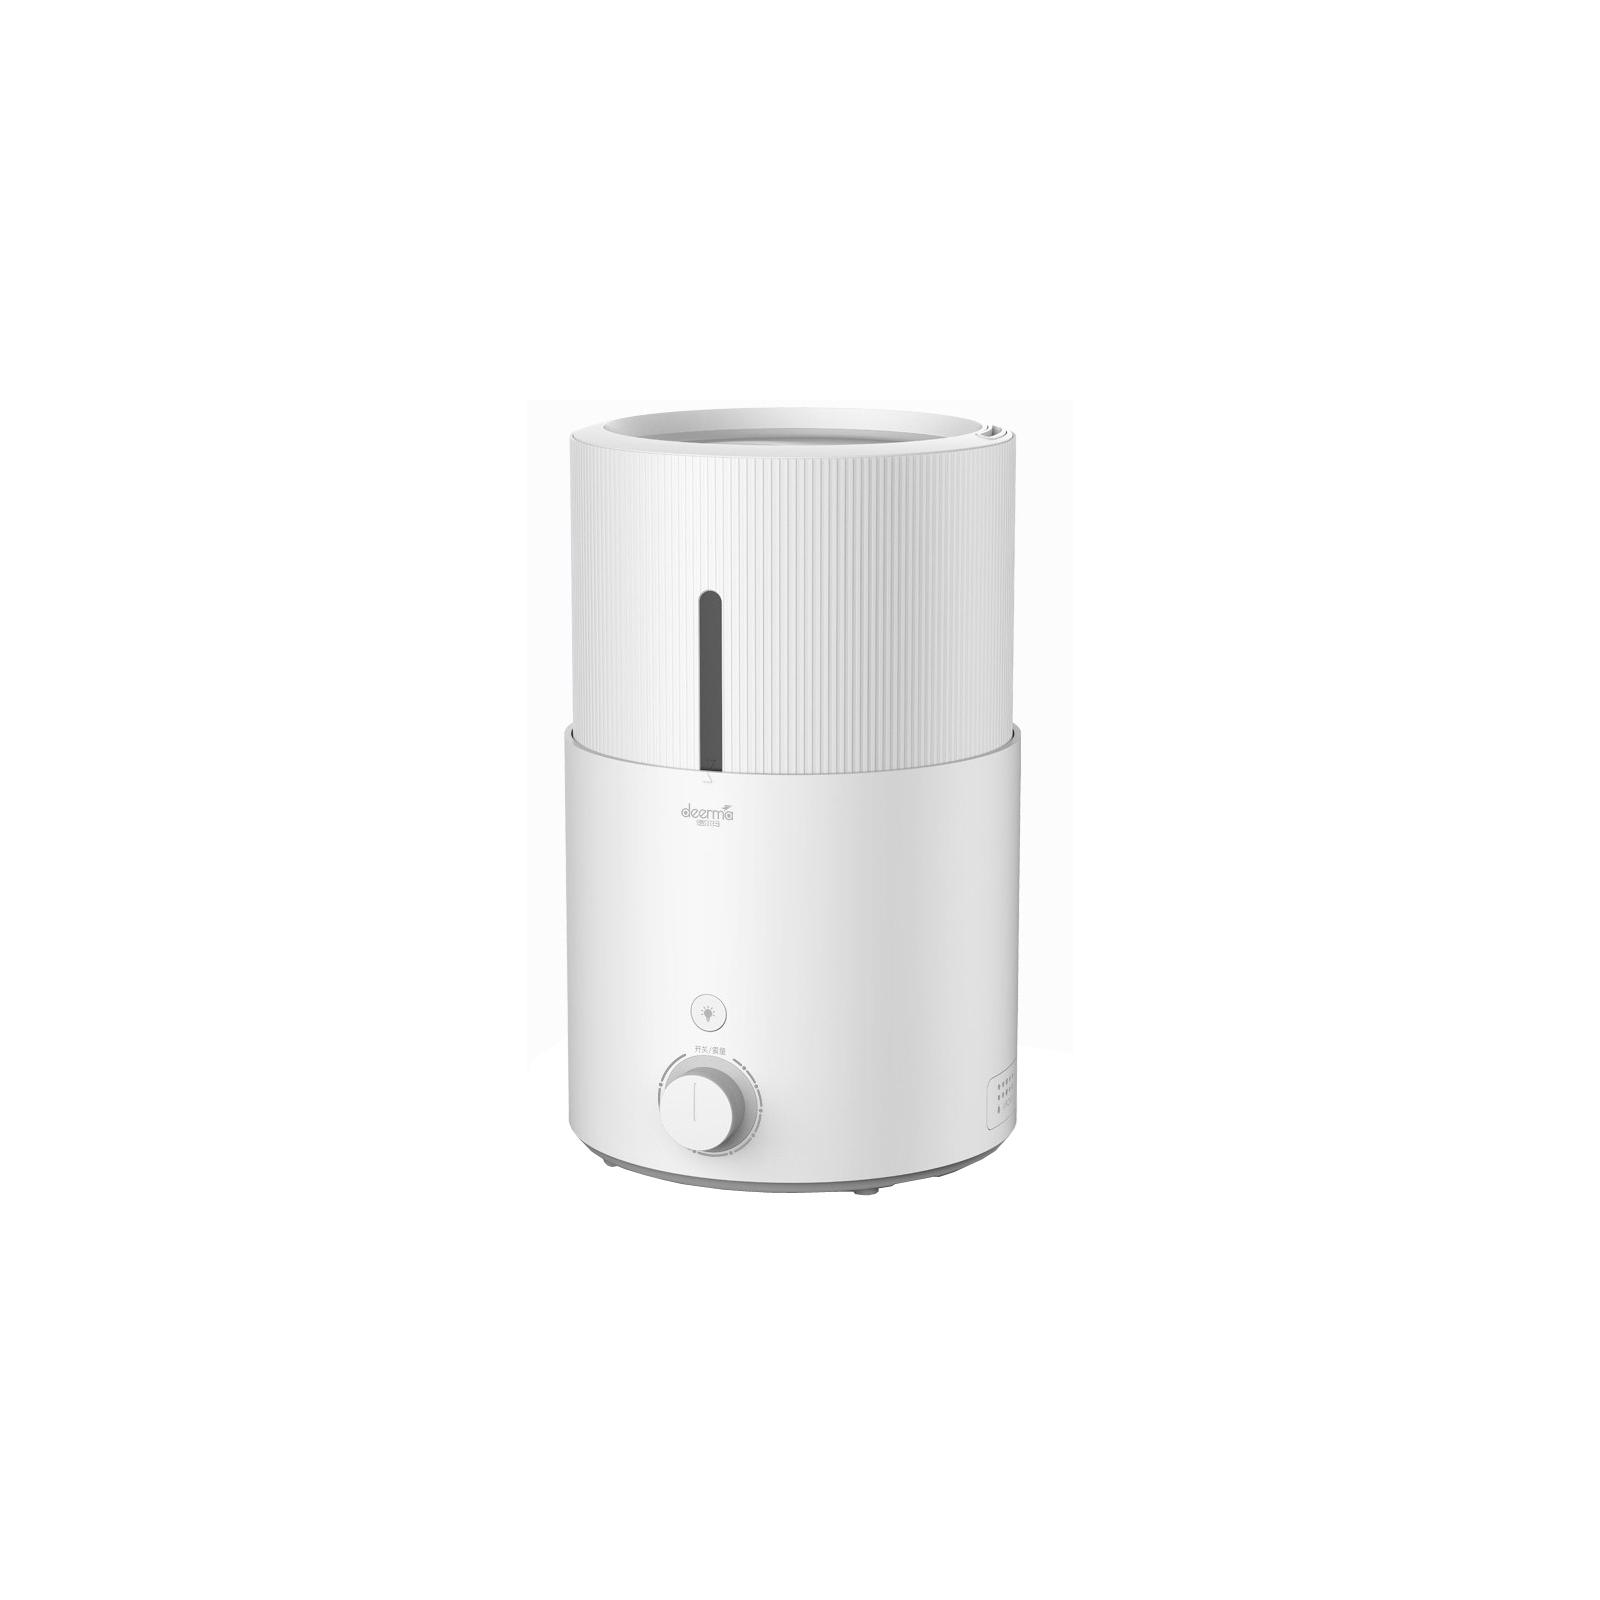 Увлажнитель воздуха Deerma Humidifier White (DEM-SJS100)